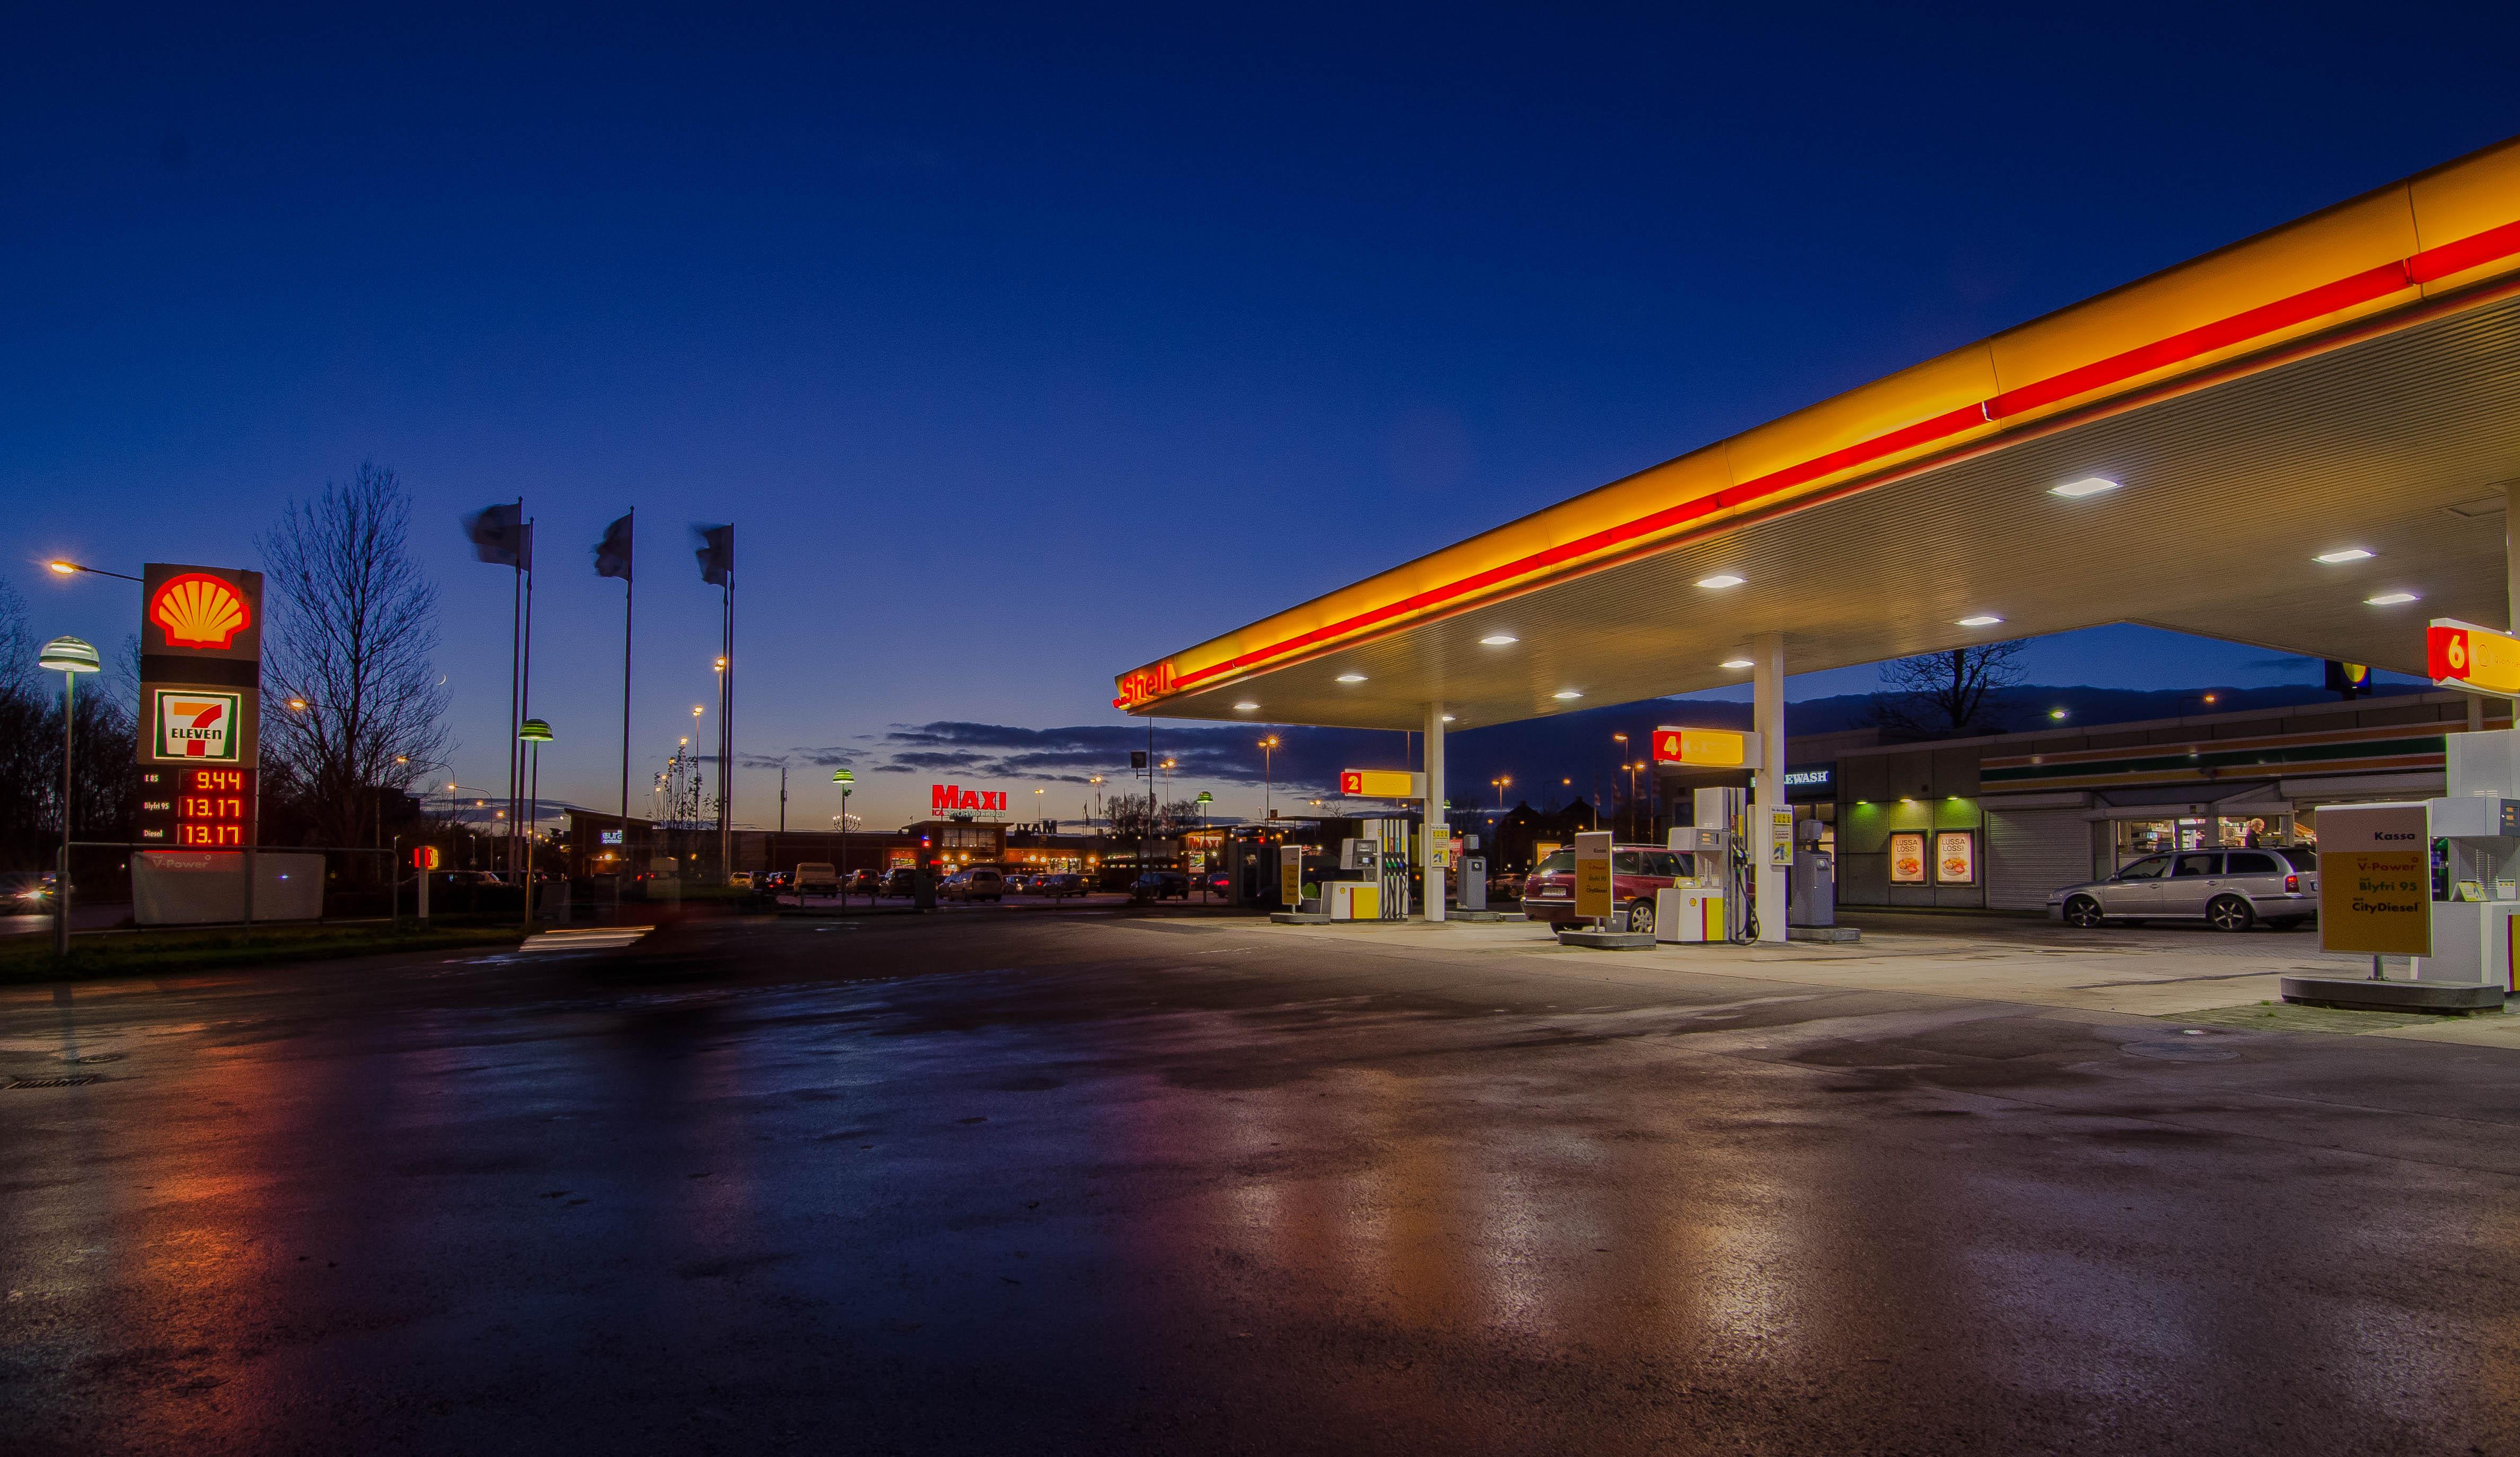 привели автозаправочные станции с картинками примере готового